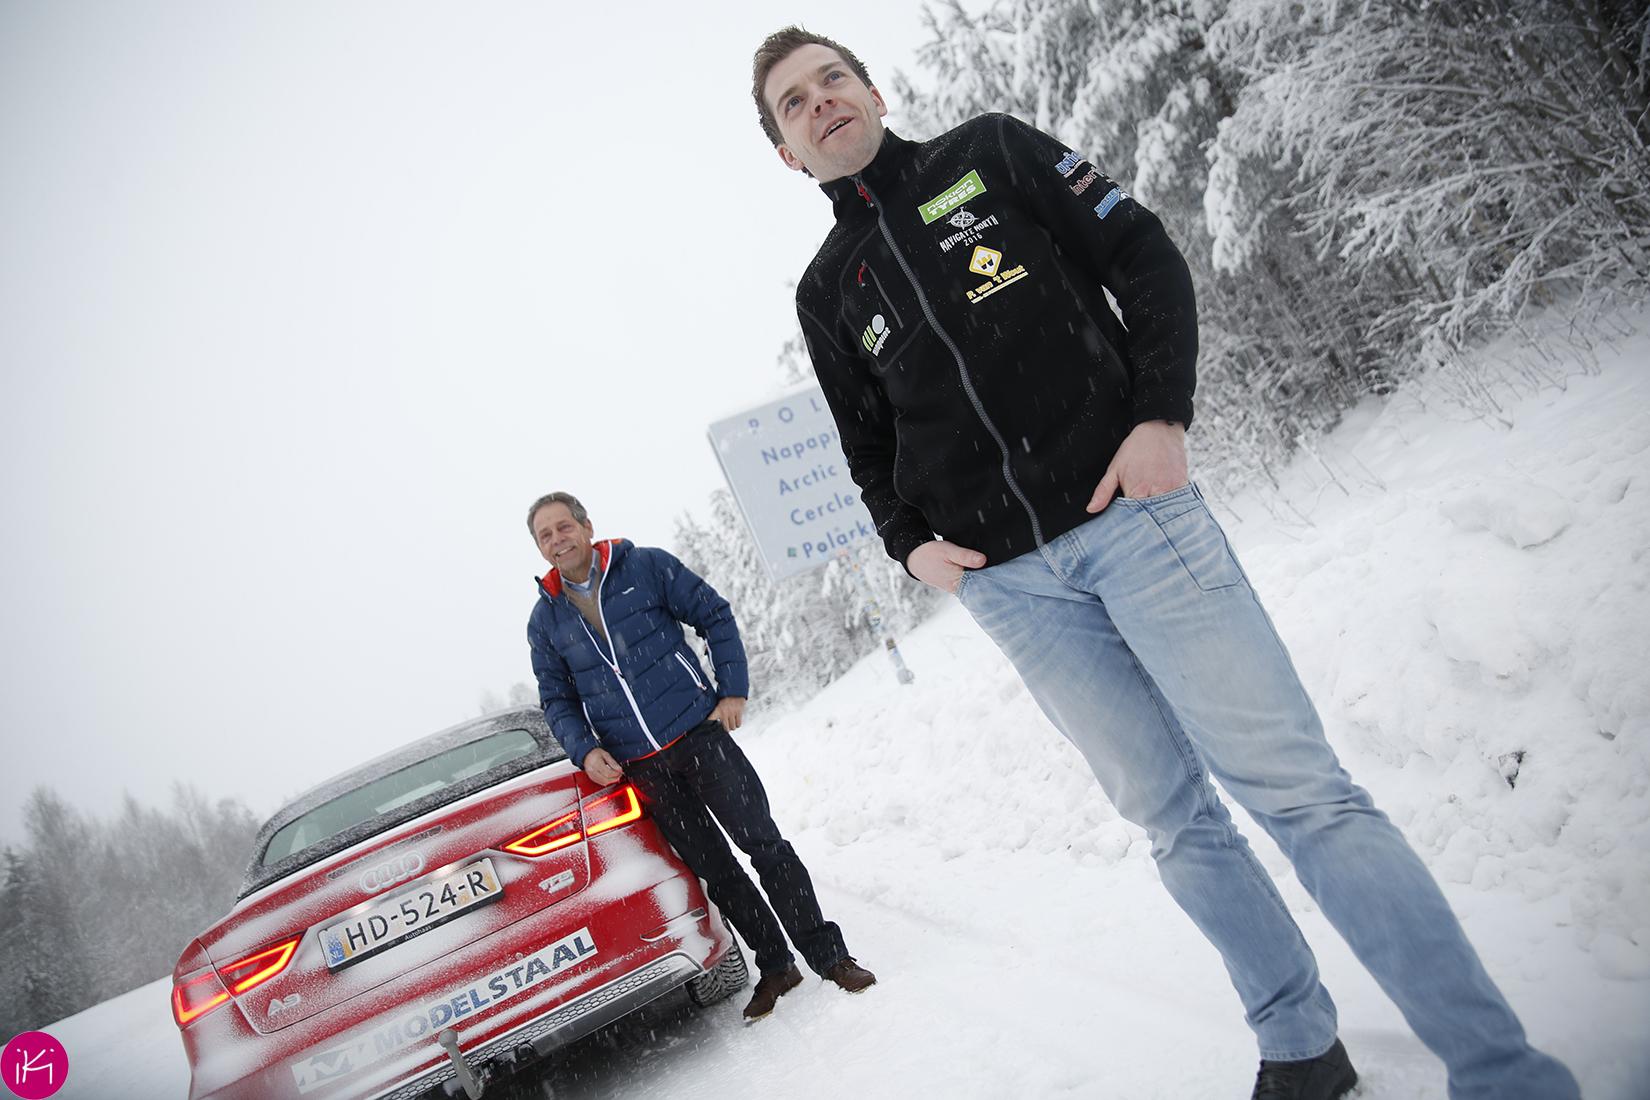 team IBK koudetechnieken